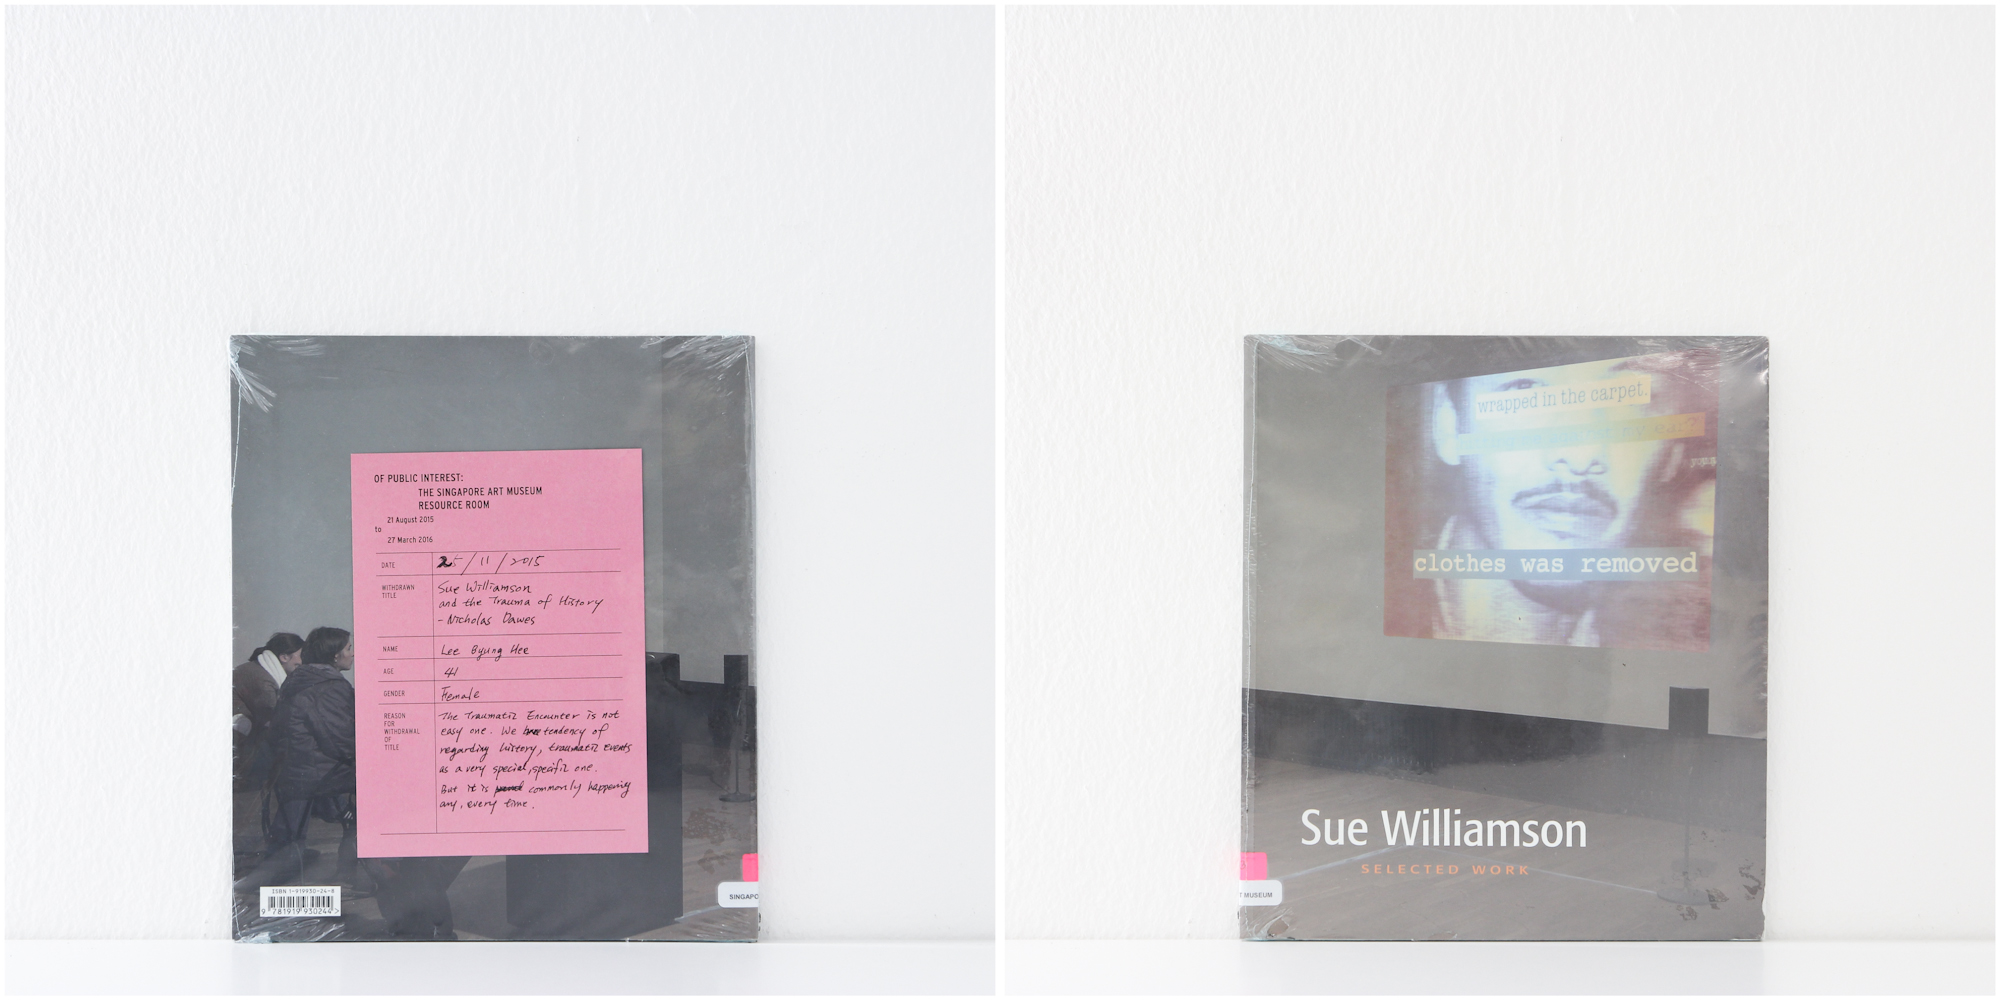 'Sue Williamson: Selected Work', 25/11/15, Lee Byung Hee, 41, Female